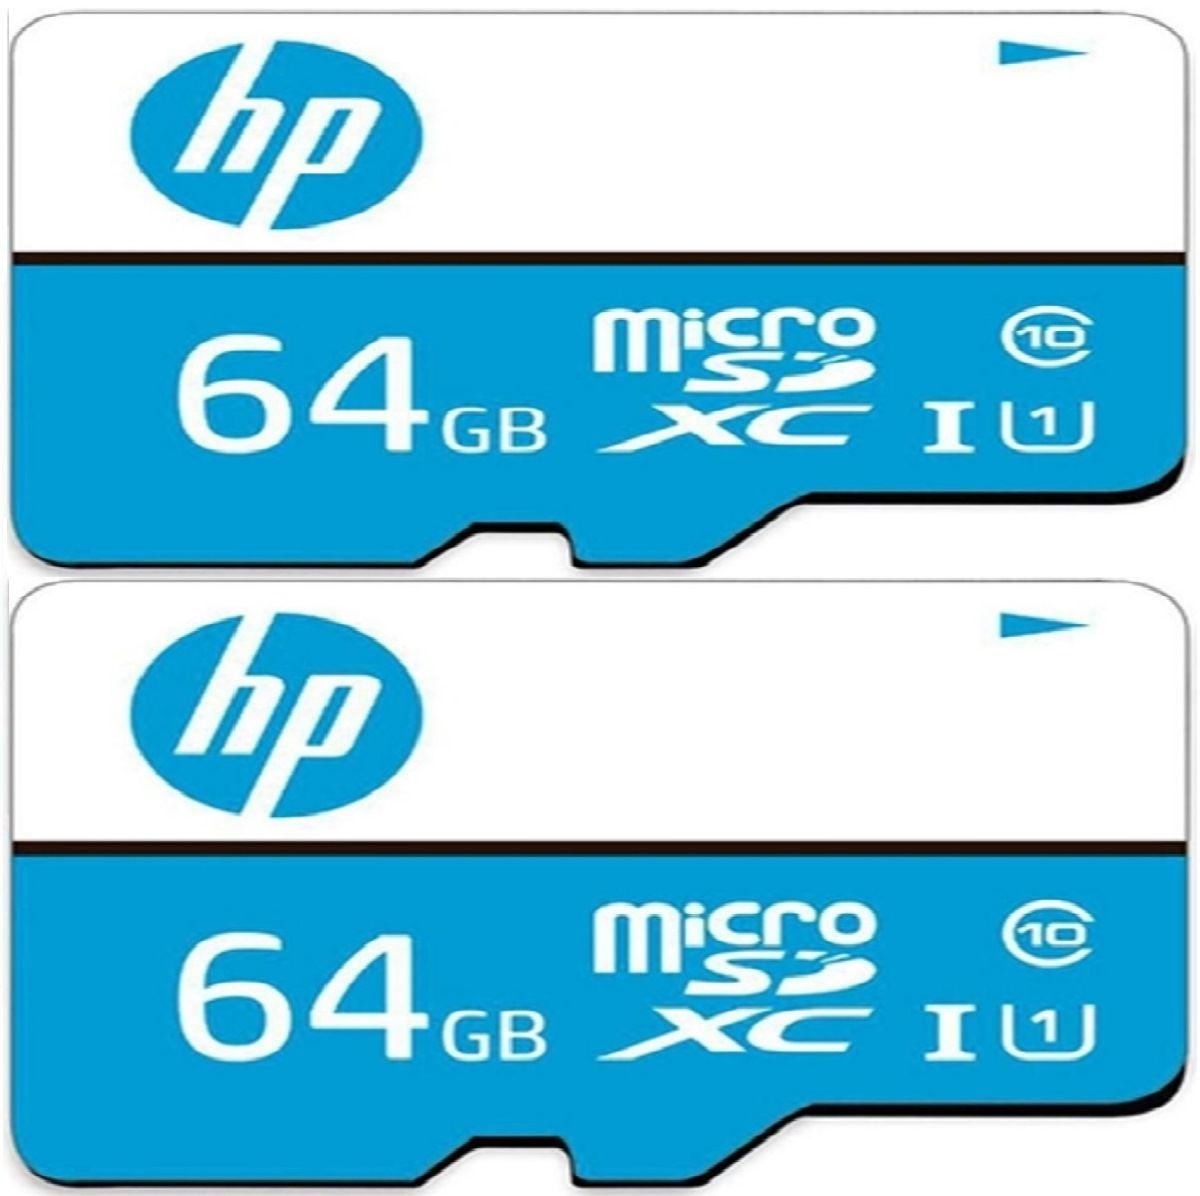 2 Cartão Memoria 64gb Transferência Full Hd Câmeras Digitais